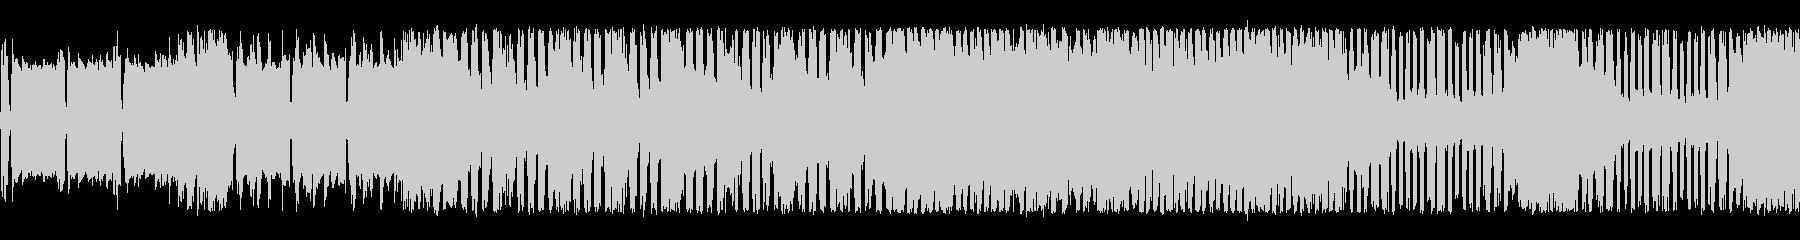 スタイリッシュなチップチューンサウンドの未再生の波形